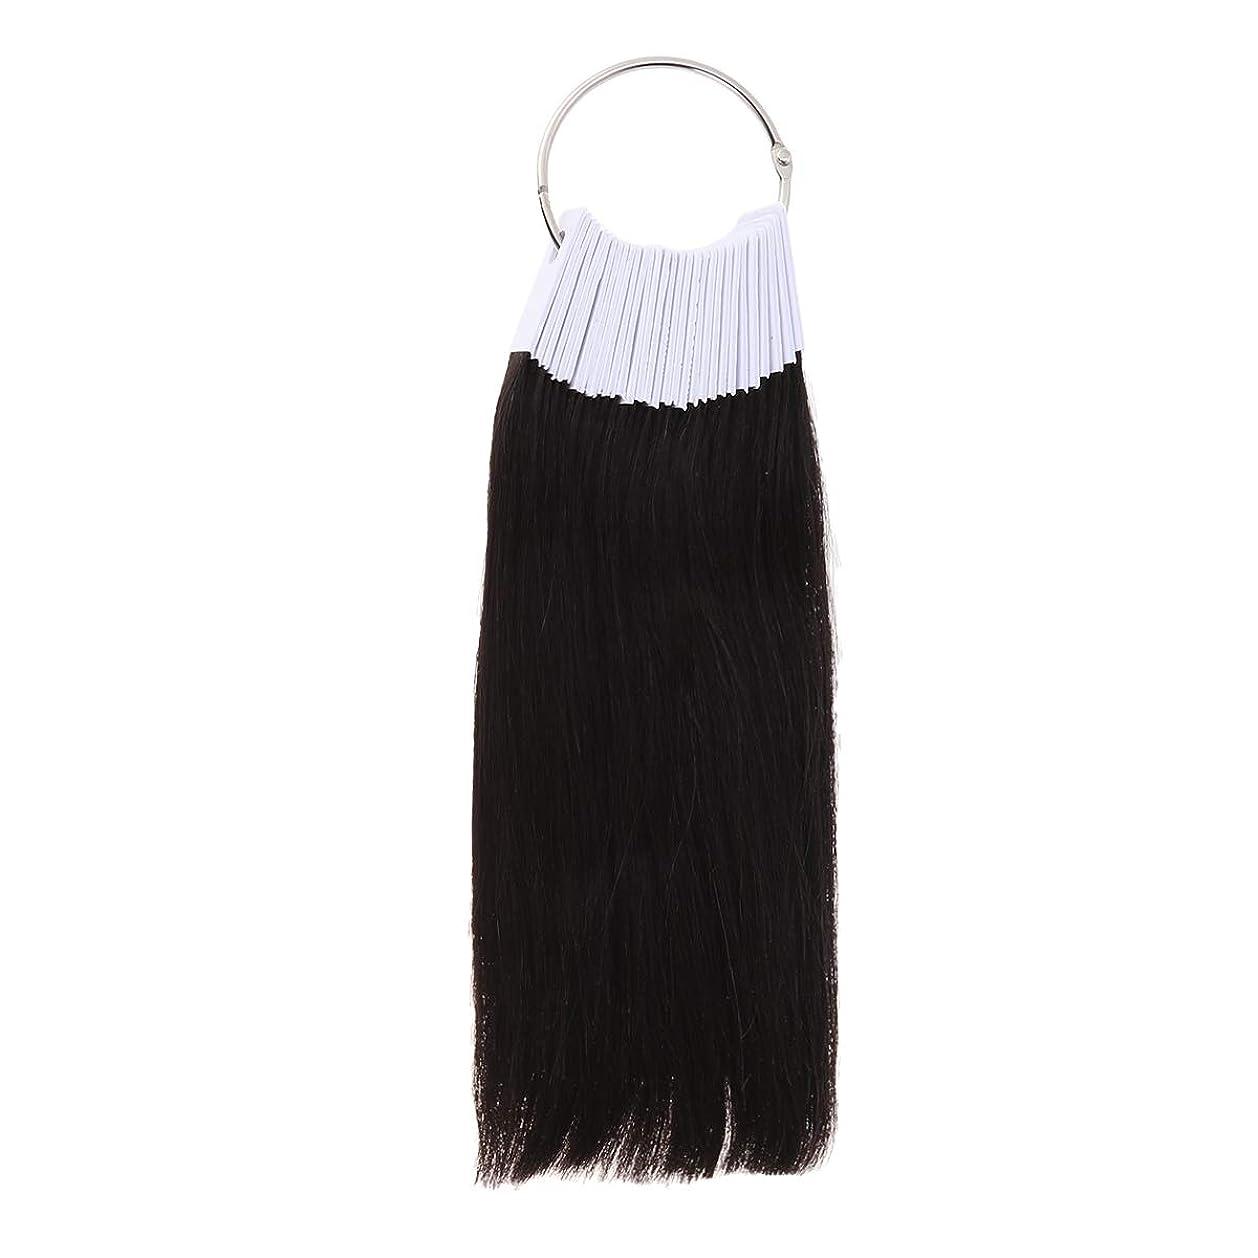 マラドロイト霜眠っているLURROSE 30PCSヘアカラーリング人間の髪の色見本サロン用カラーサンプル(9度色)